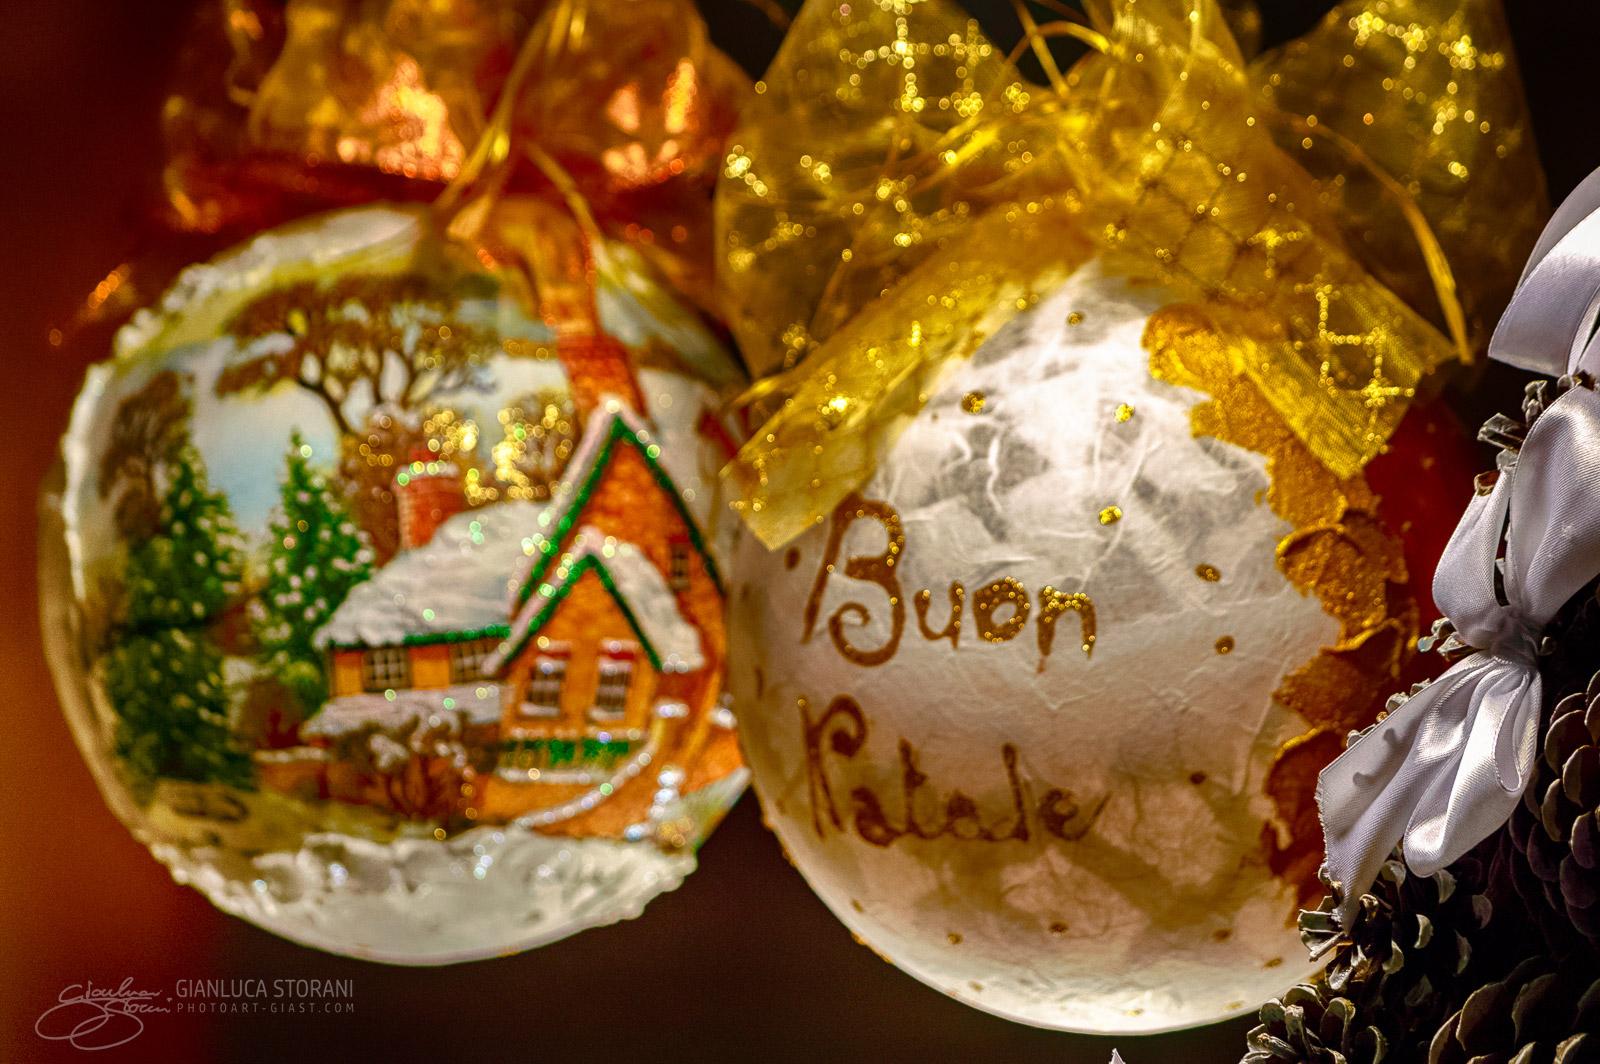 Il barattolo di Natale - Gianluca Storani Photo Art (ID: 4-6995)